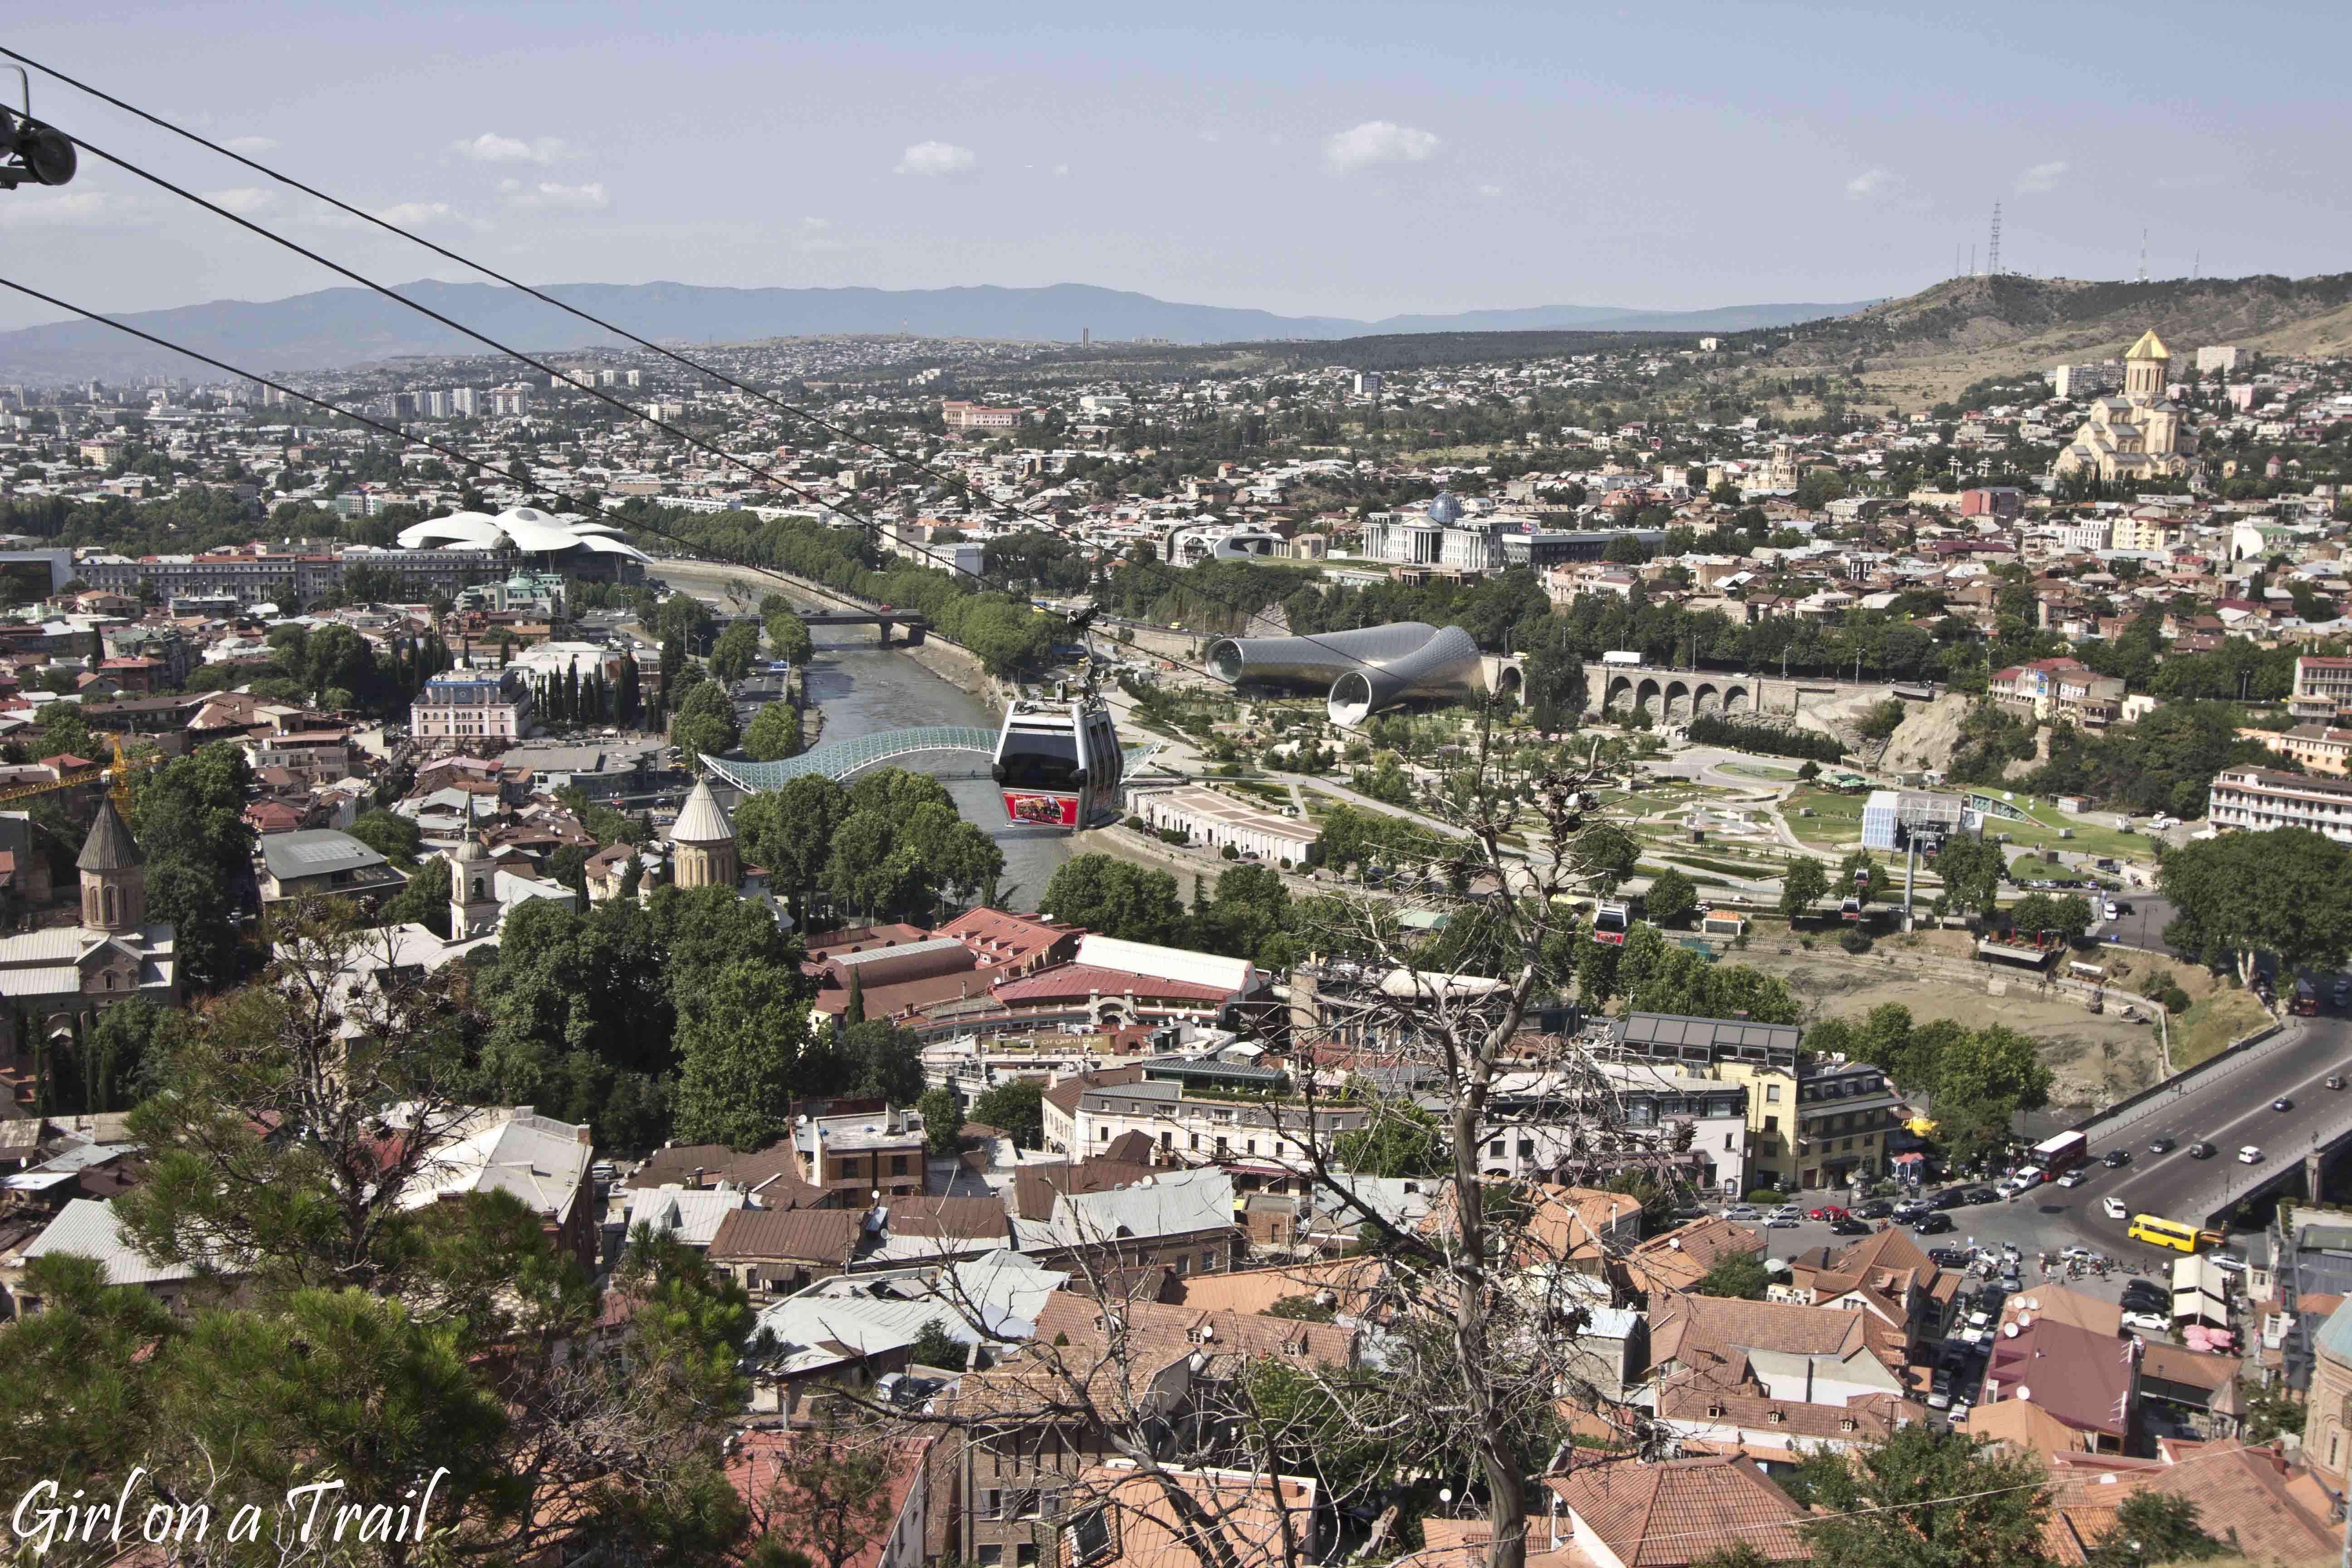 Gruzja, Tbilisi